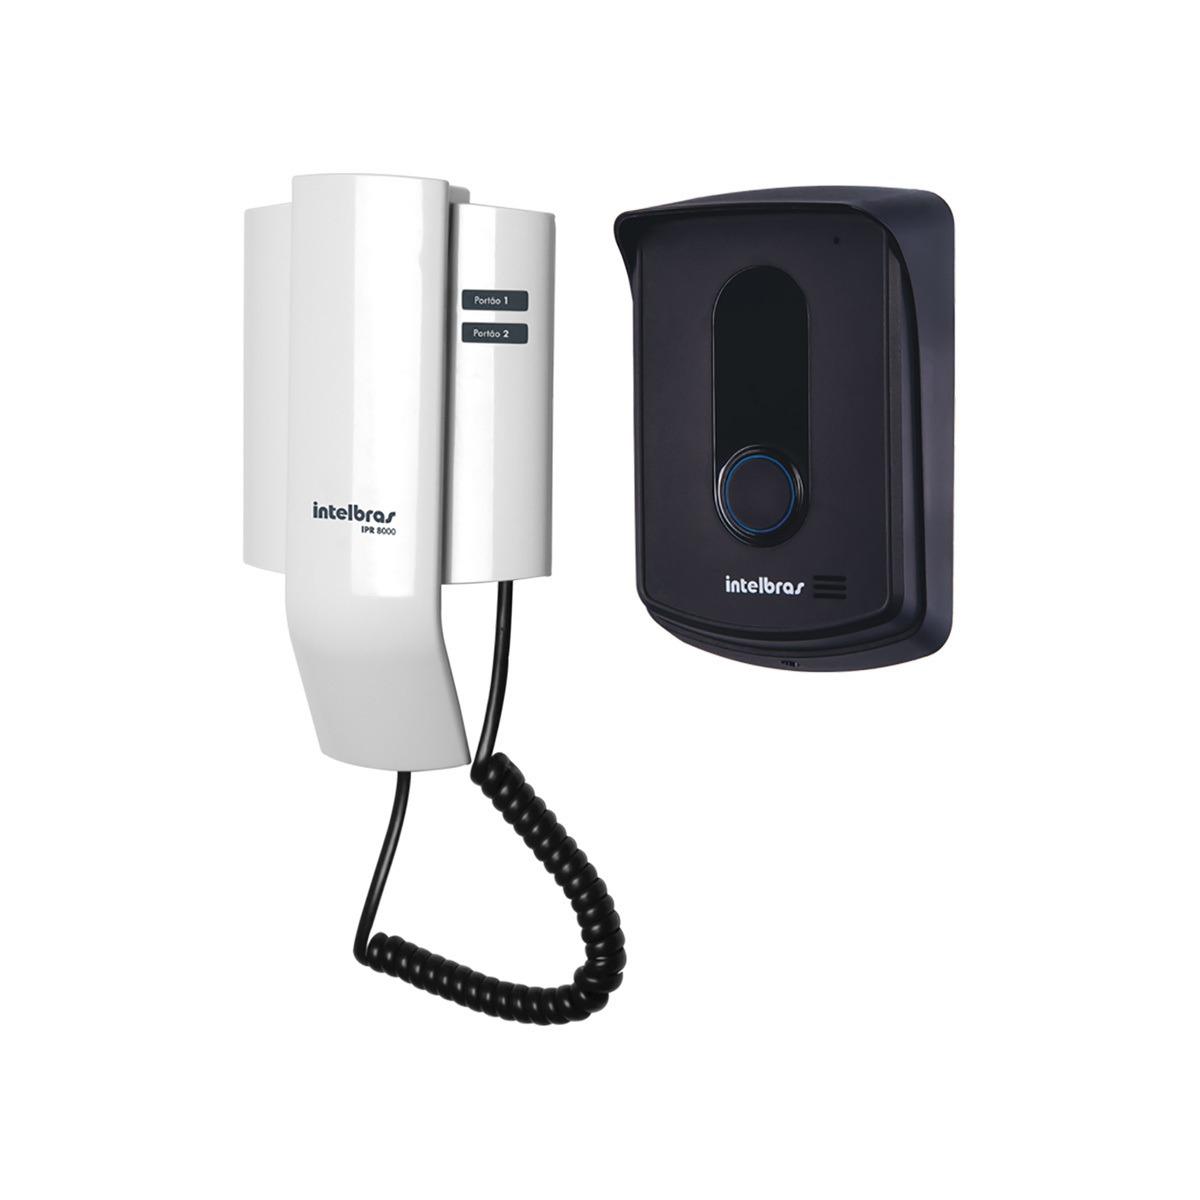 Porteiro Residencial Intelbras IPR 8010